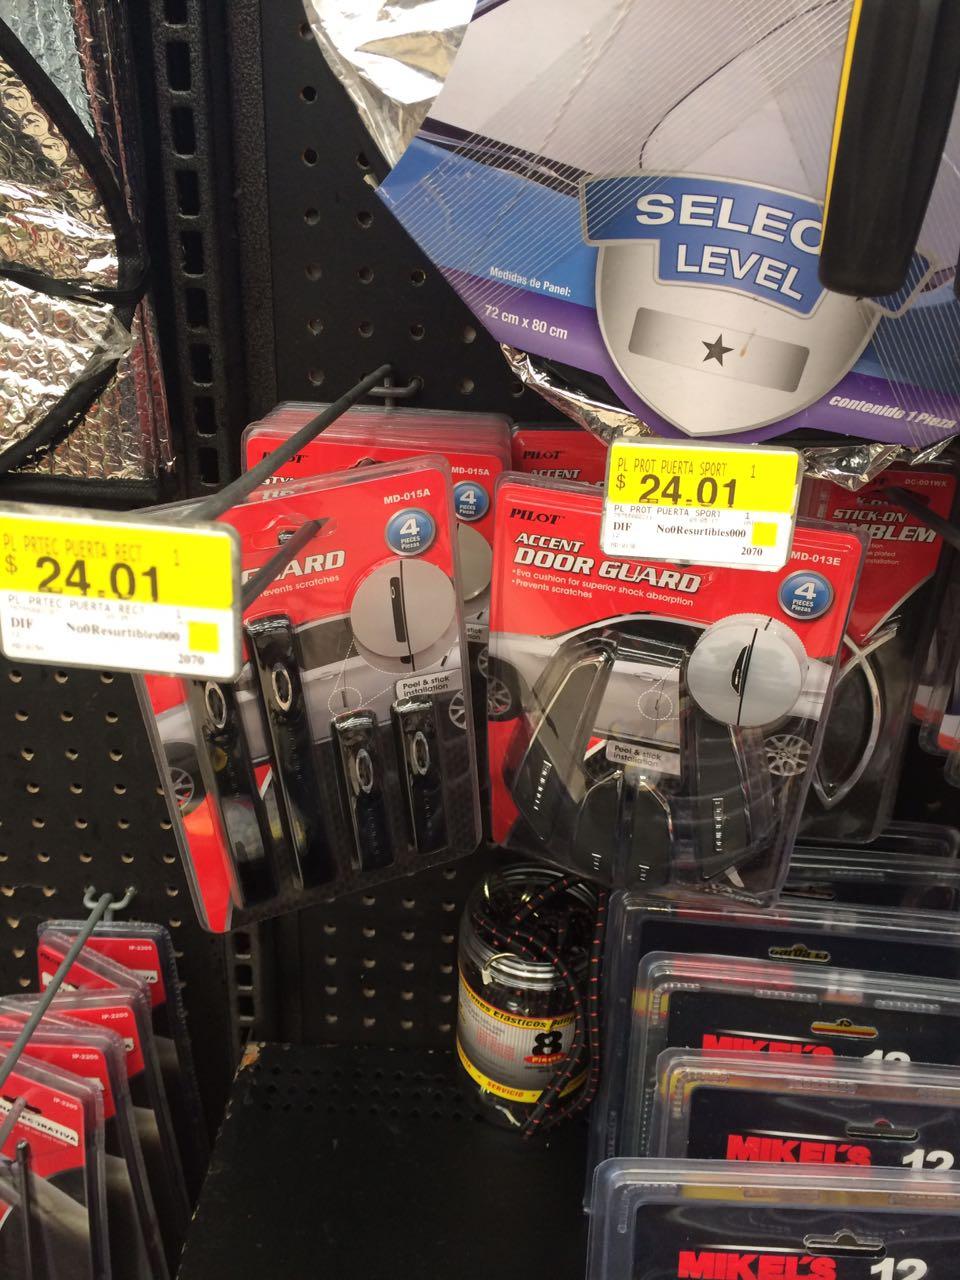 Walmart: Platos waltmart $ 35.02, protector de puertas de auto $ 24.01 y mas